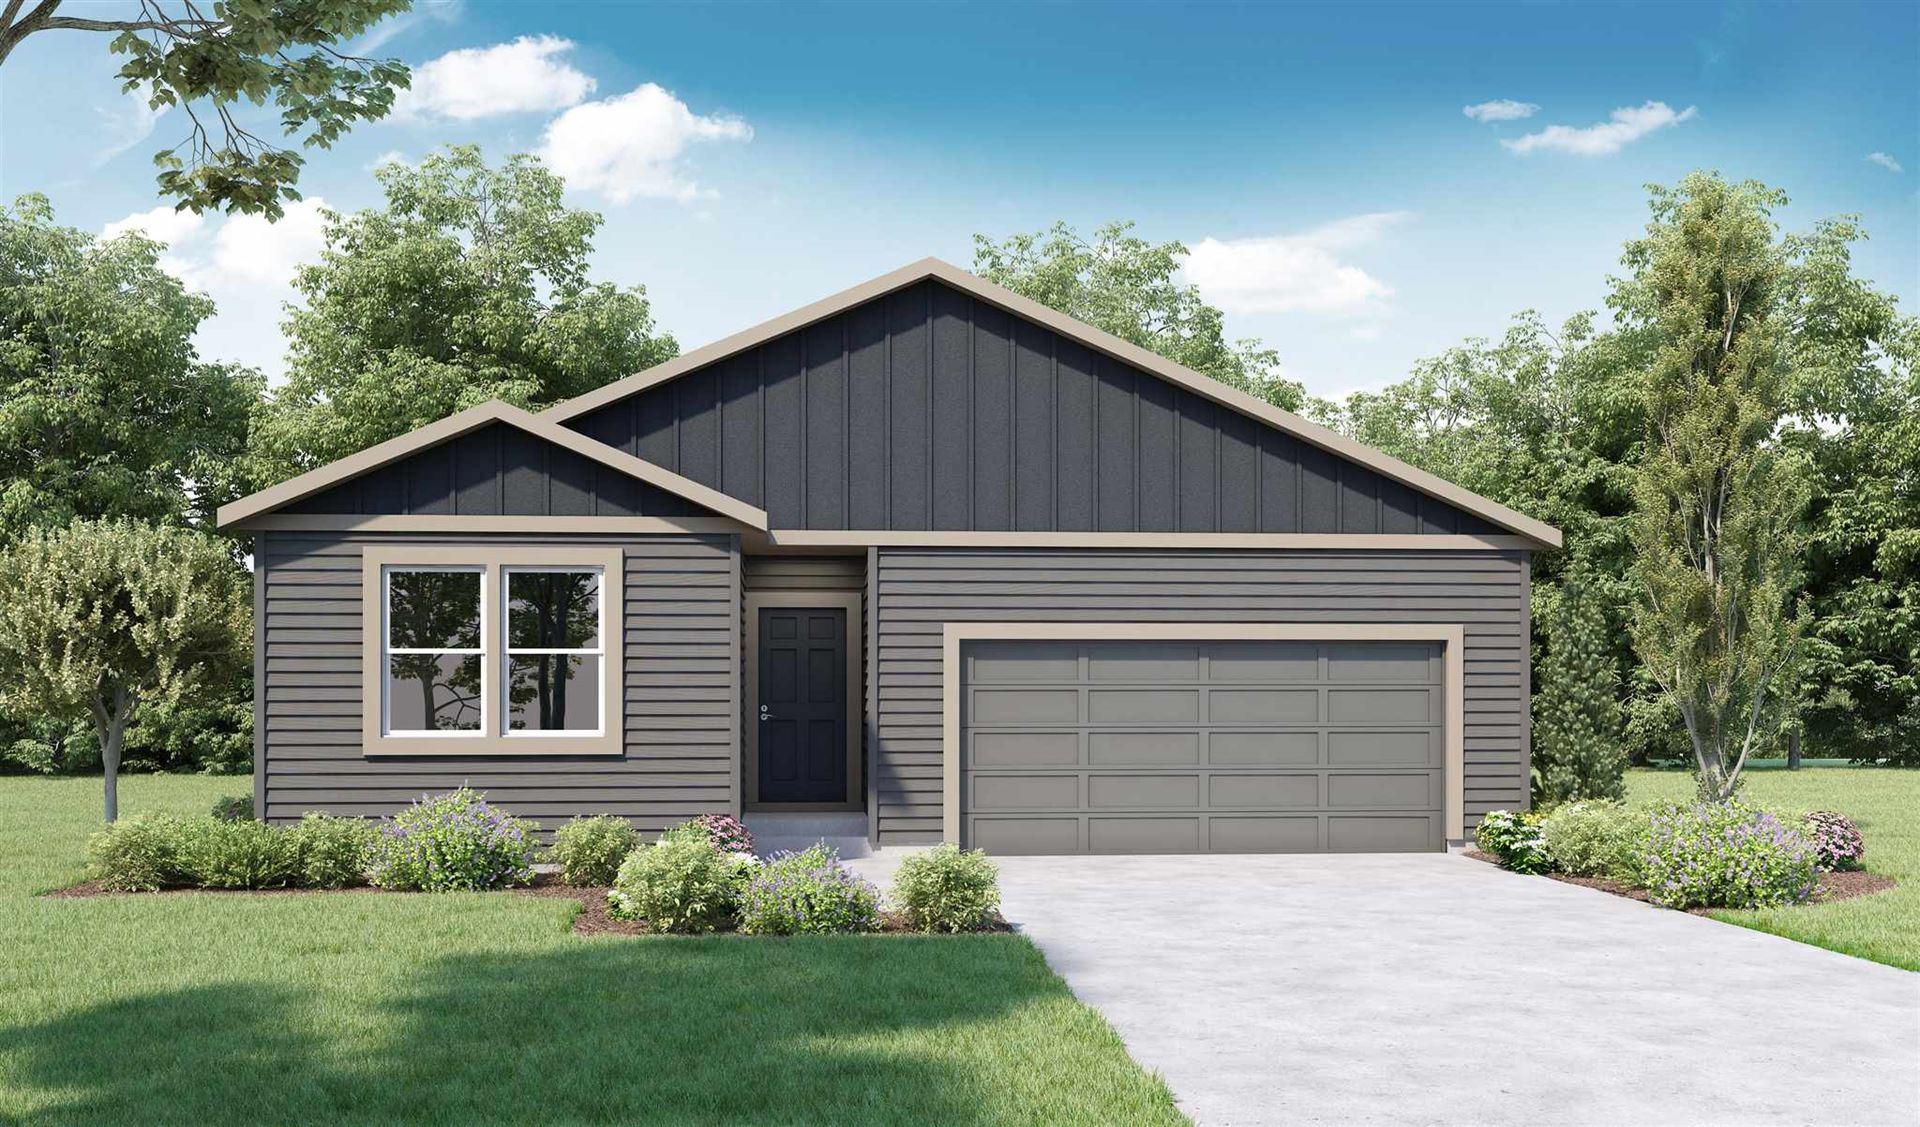 3231 N Stanley Rd, Spokane, WA 99217 - #: 202119002